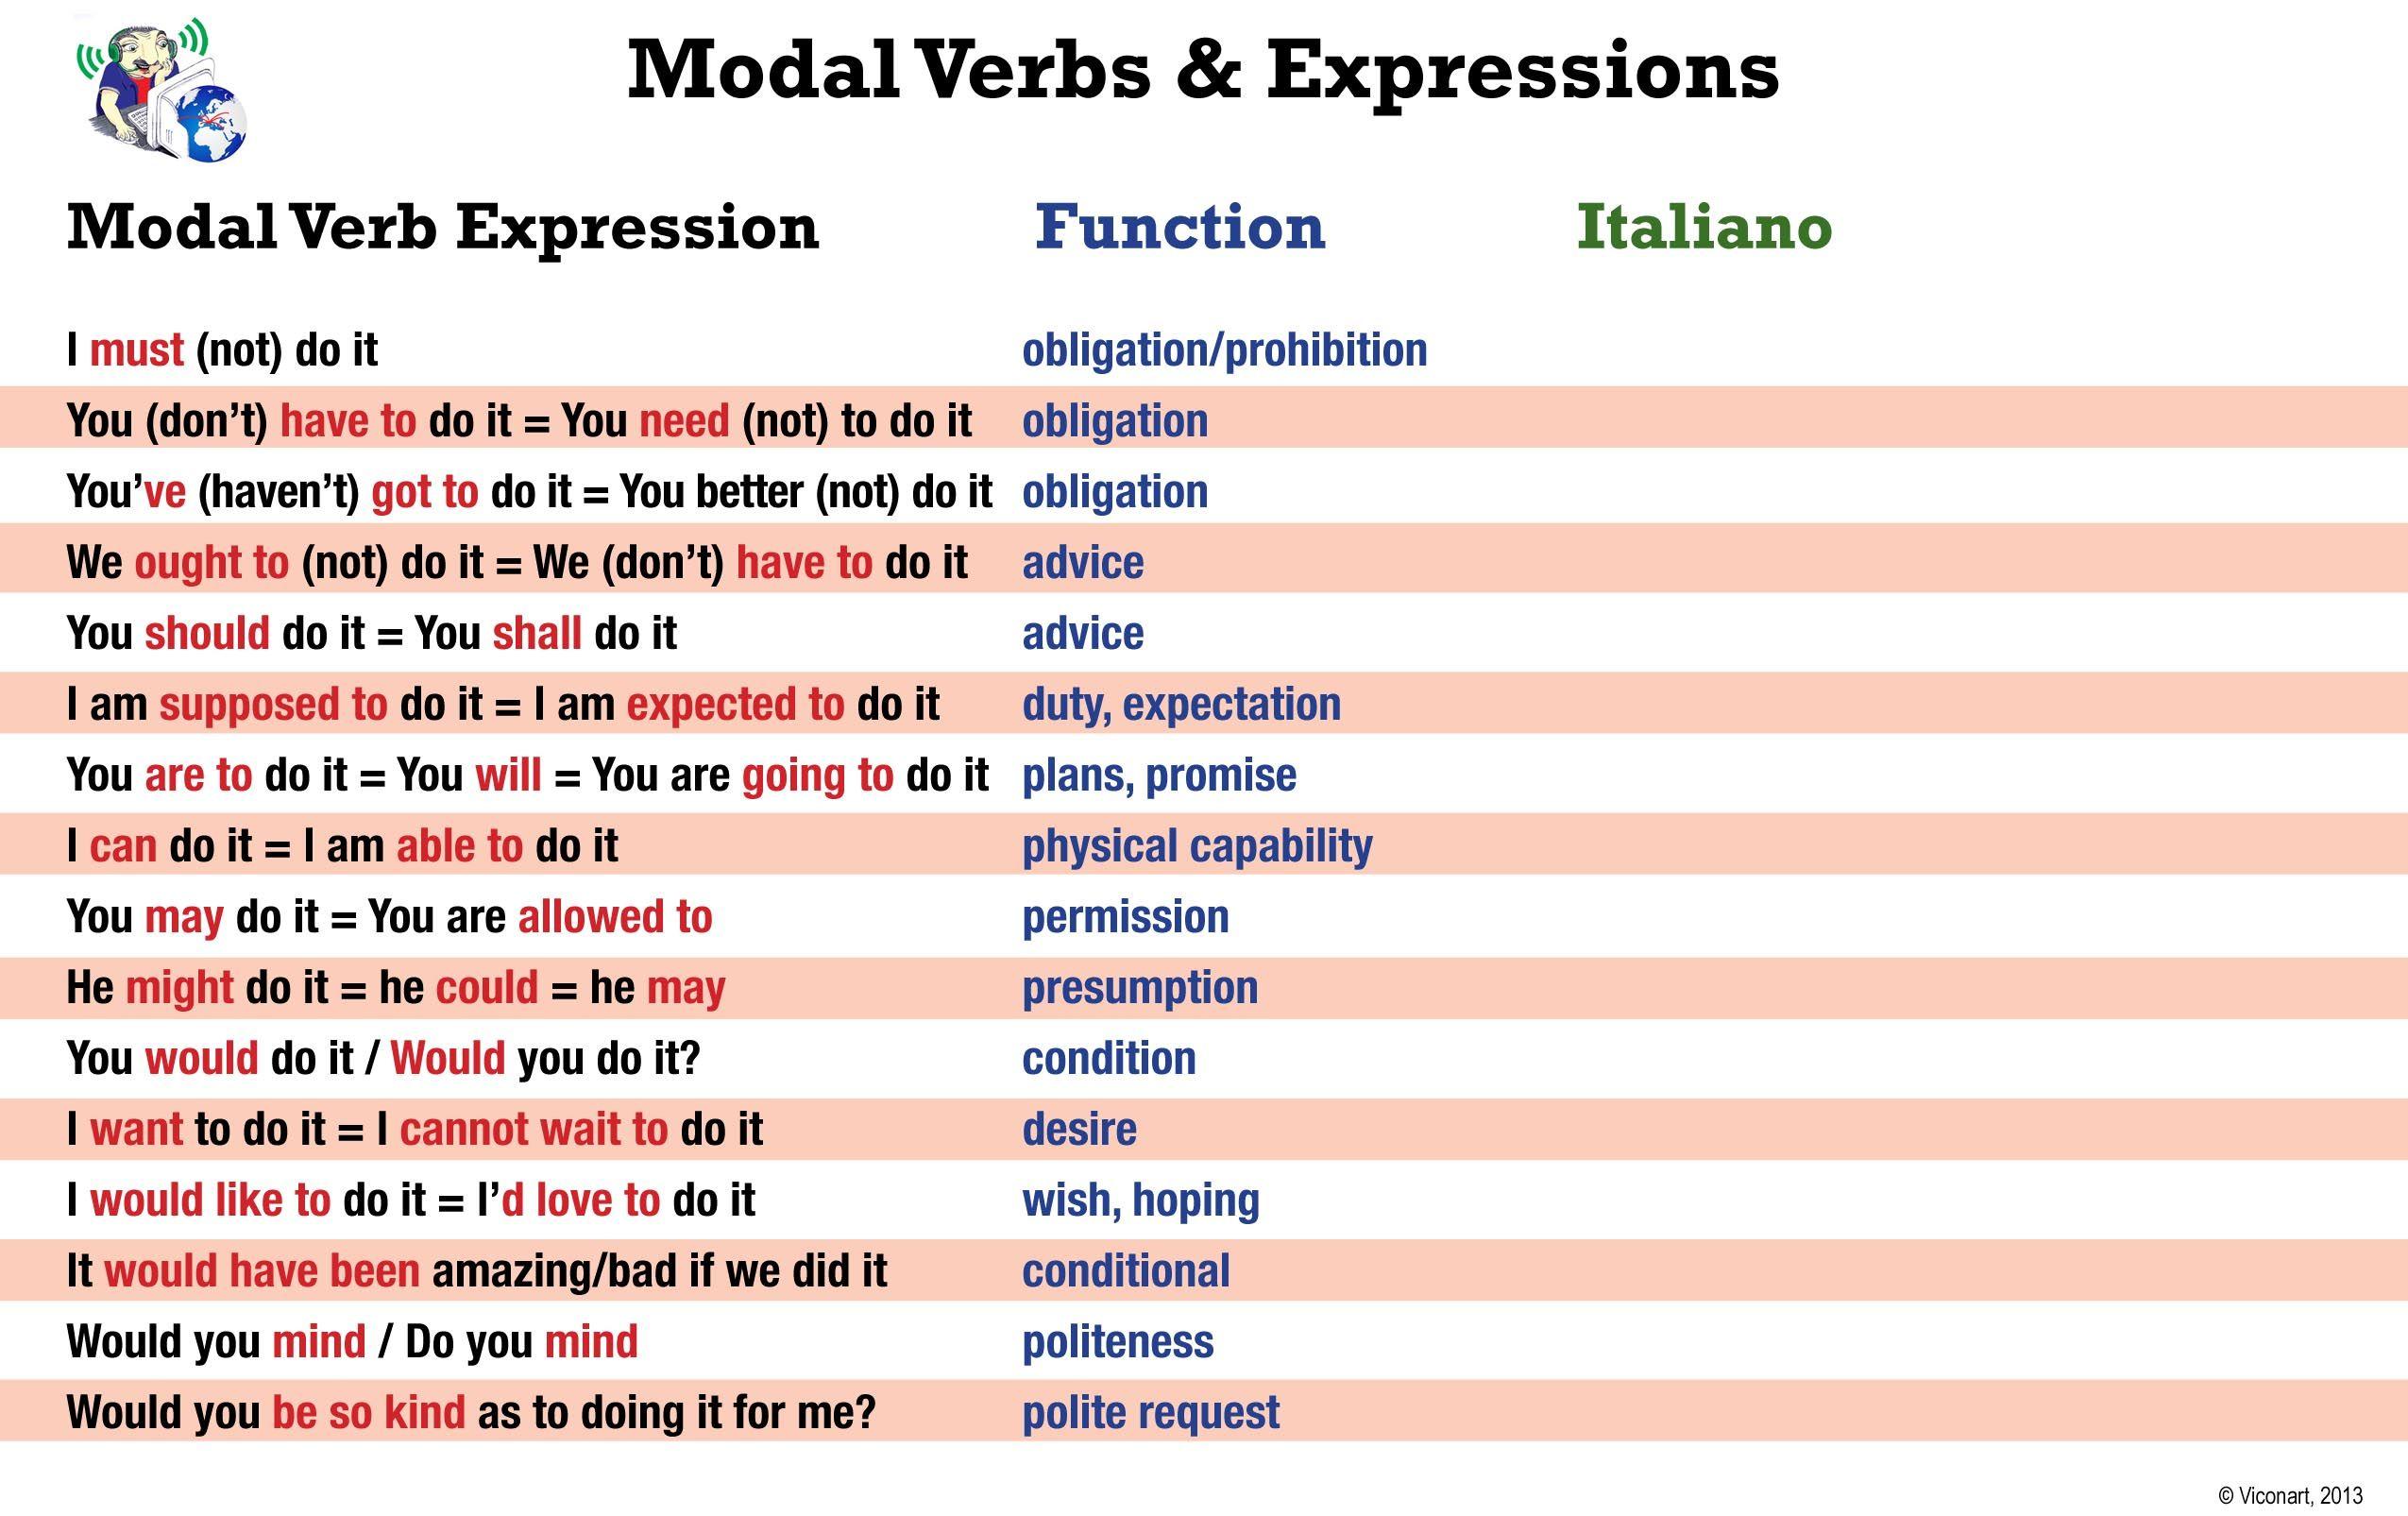 Worksheet Verbi Modali Inglese Italiano